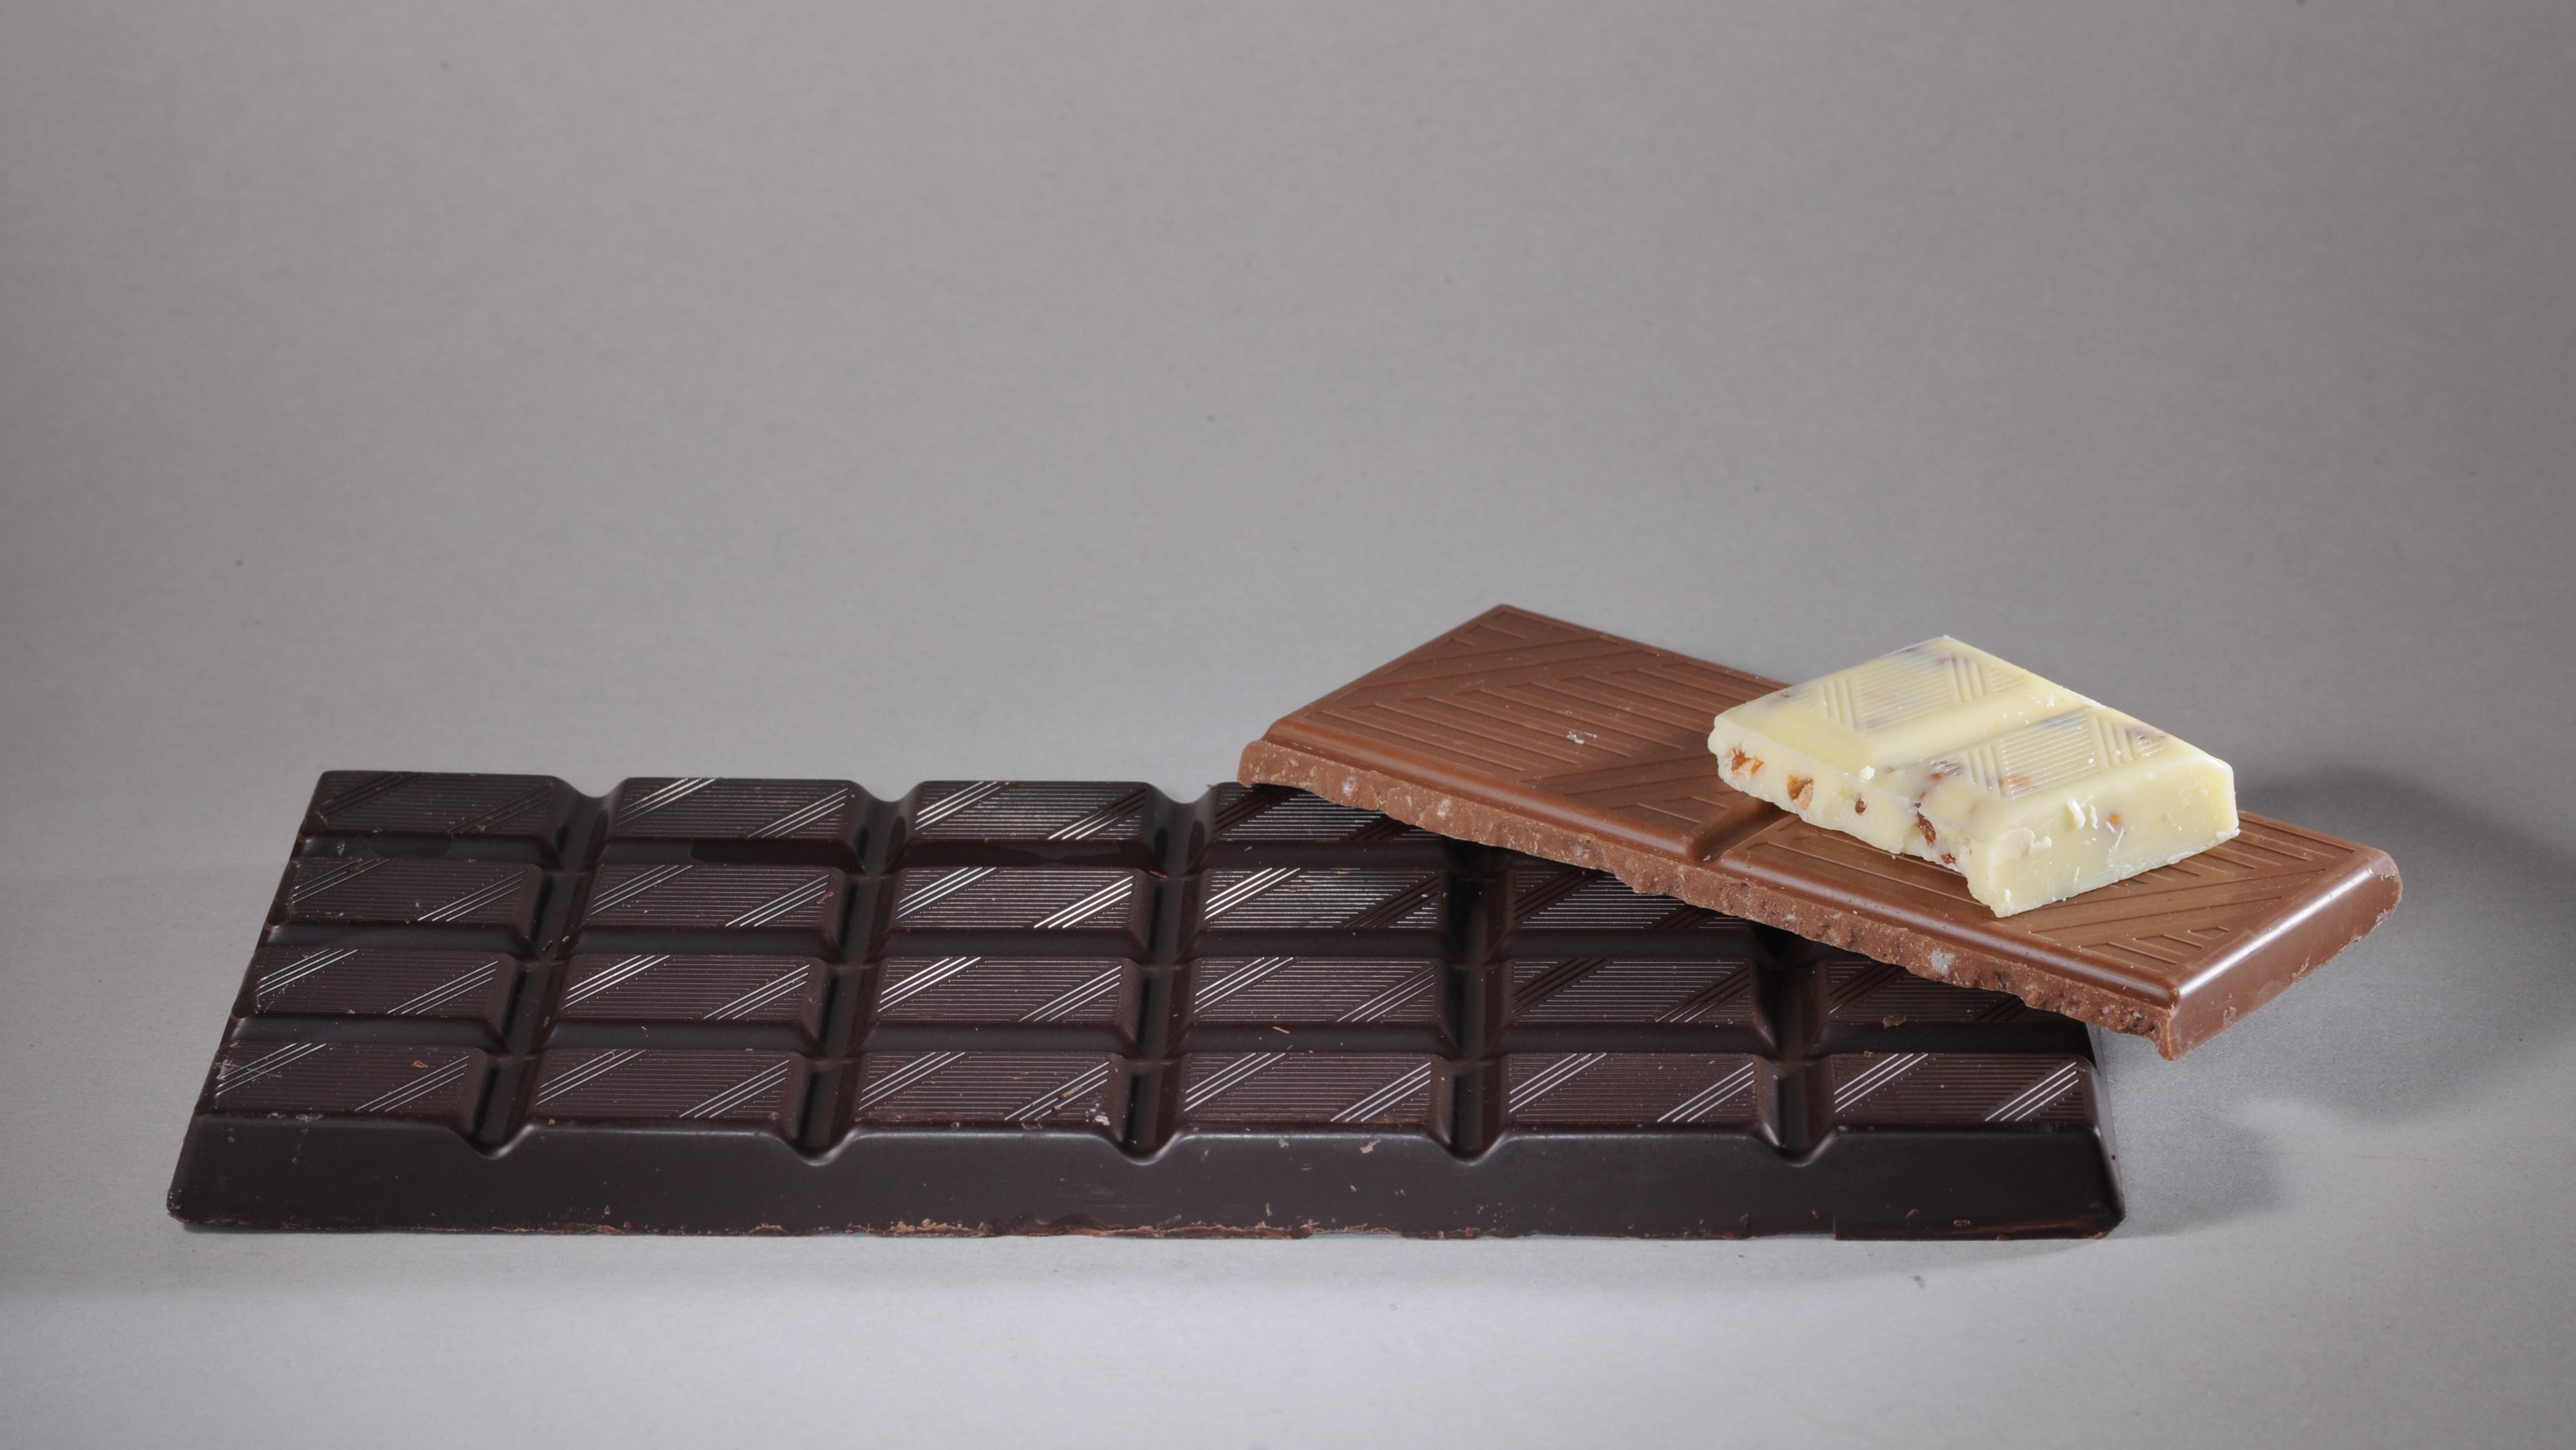 Ciocolata este alimentul preferat al multor oameni, însă nu este și sănătos. Foto: en.wikipedia.org